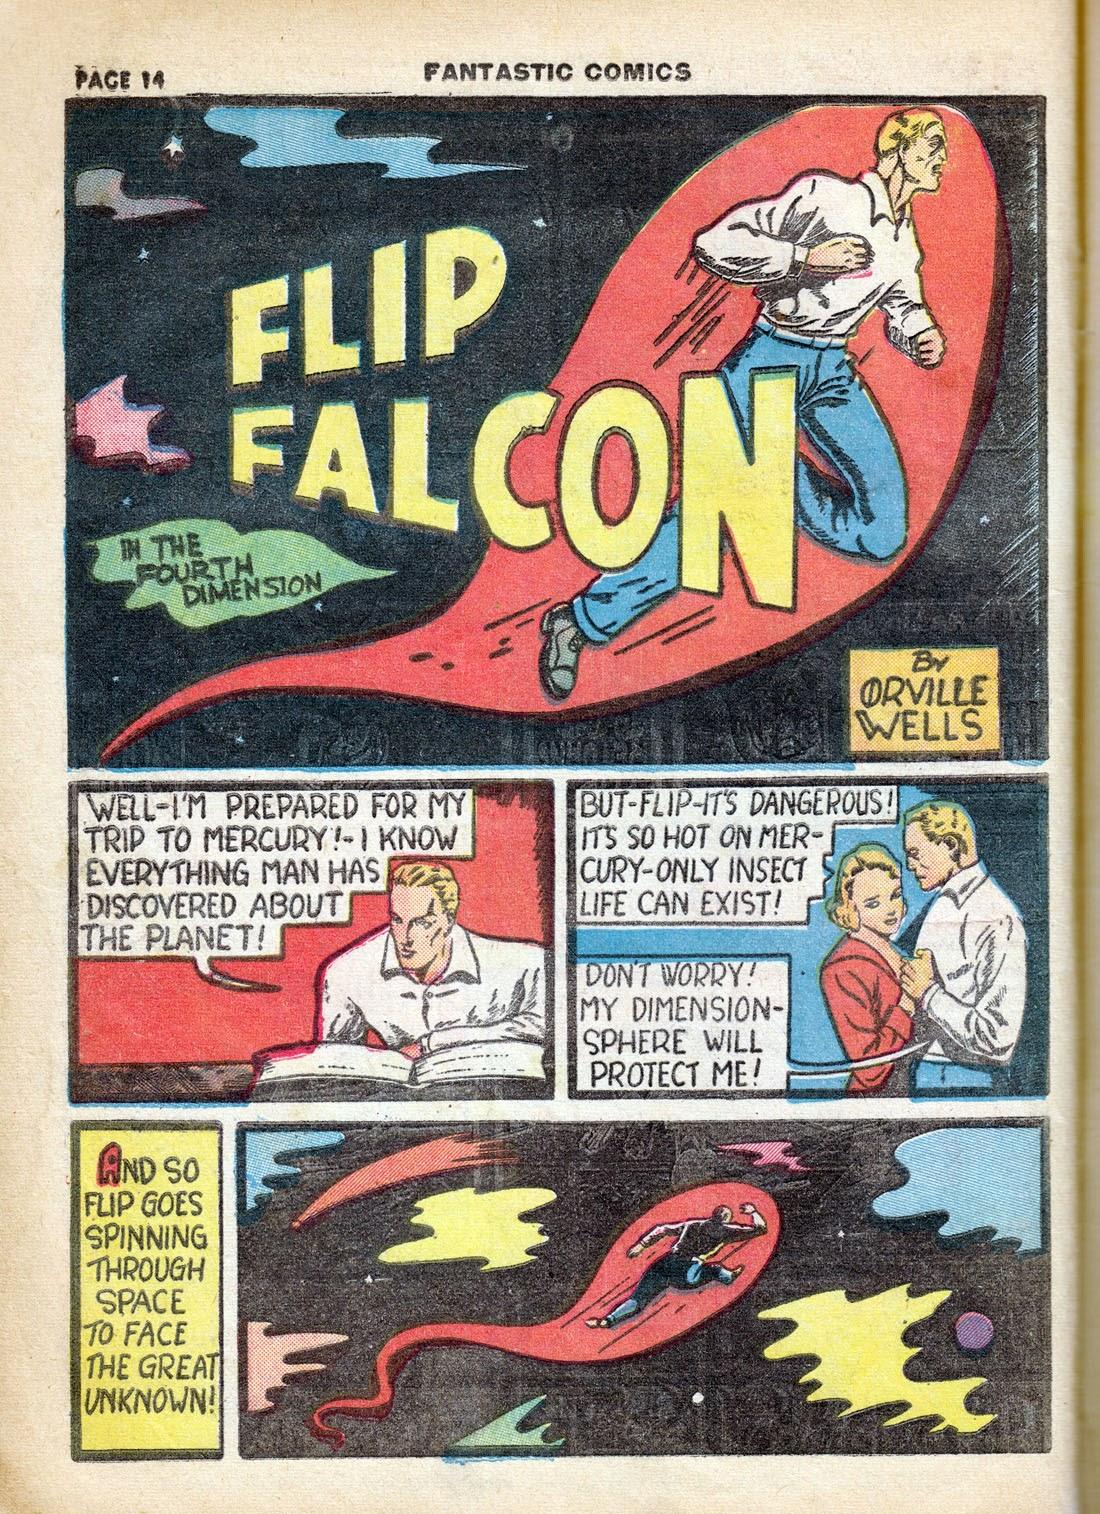 Read online Fantastic Comics comic -  Issue #7 - 16